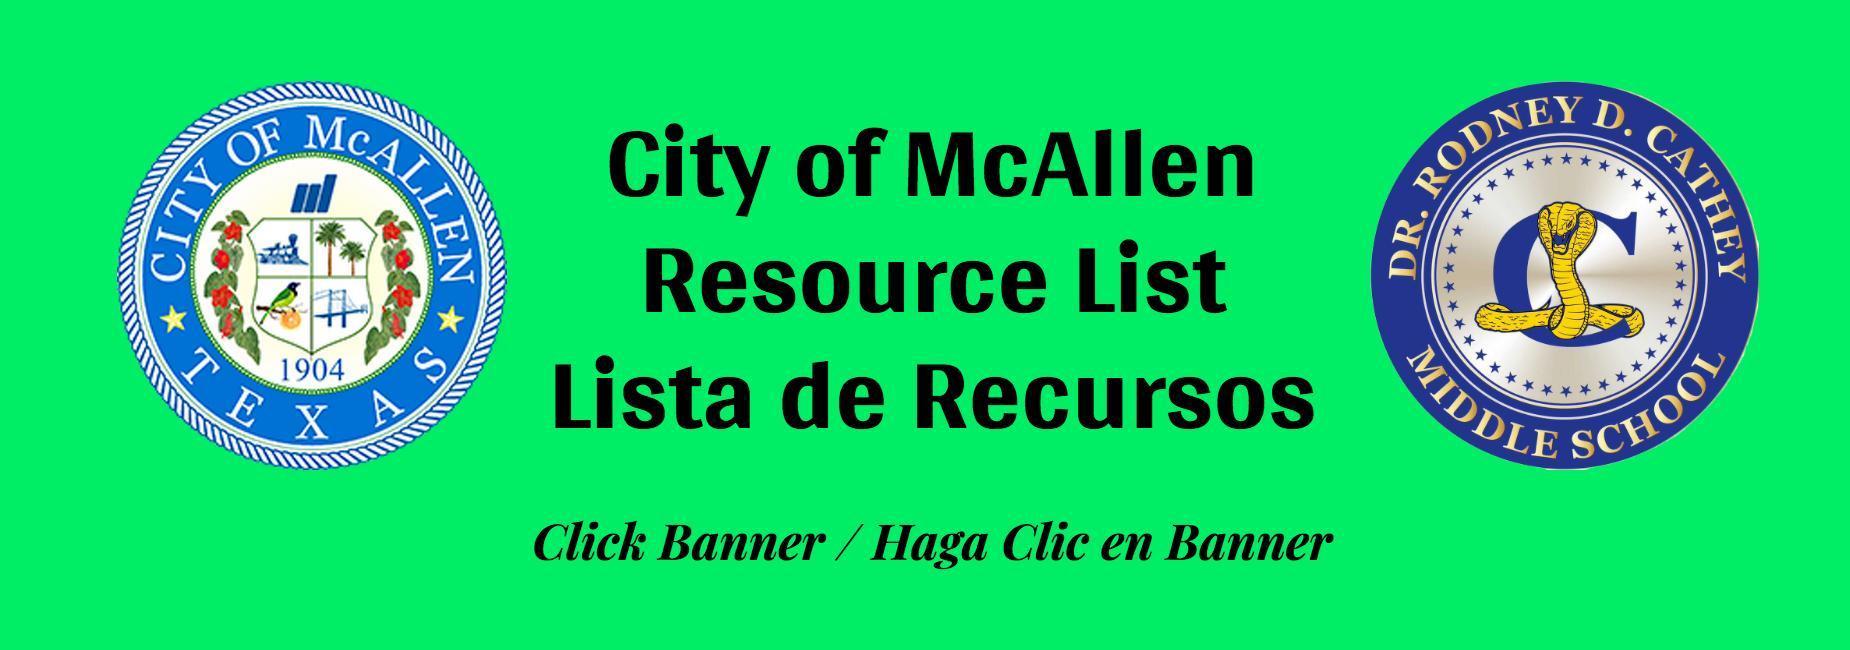 City of McAllen Resource List